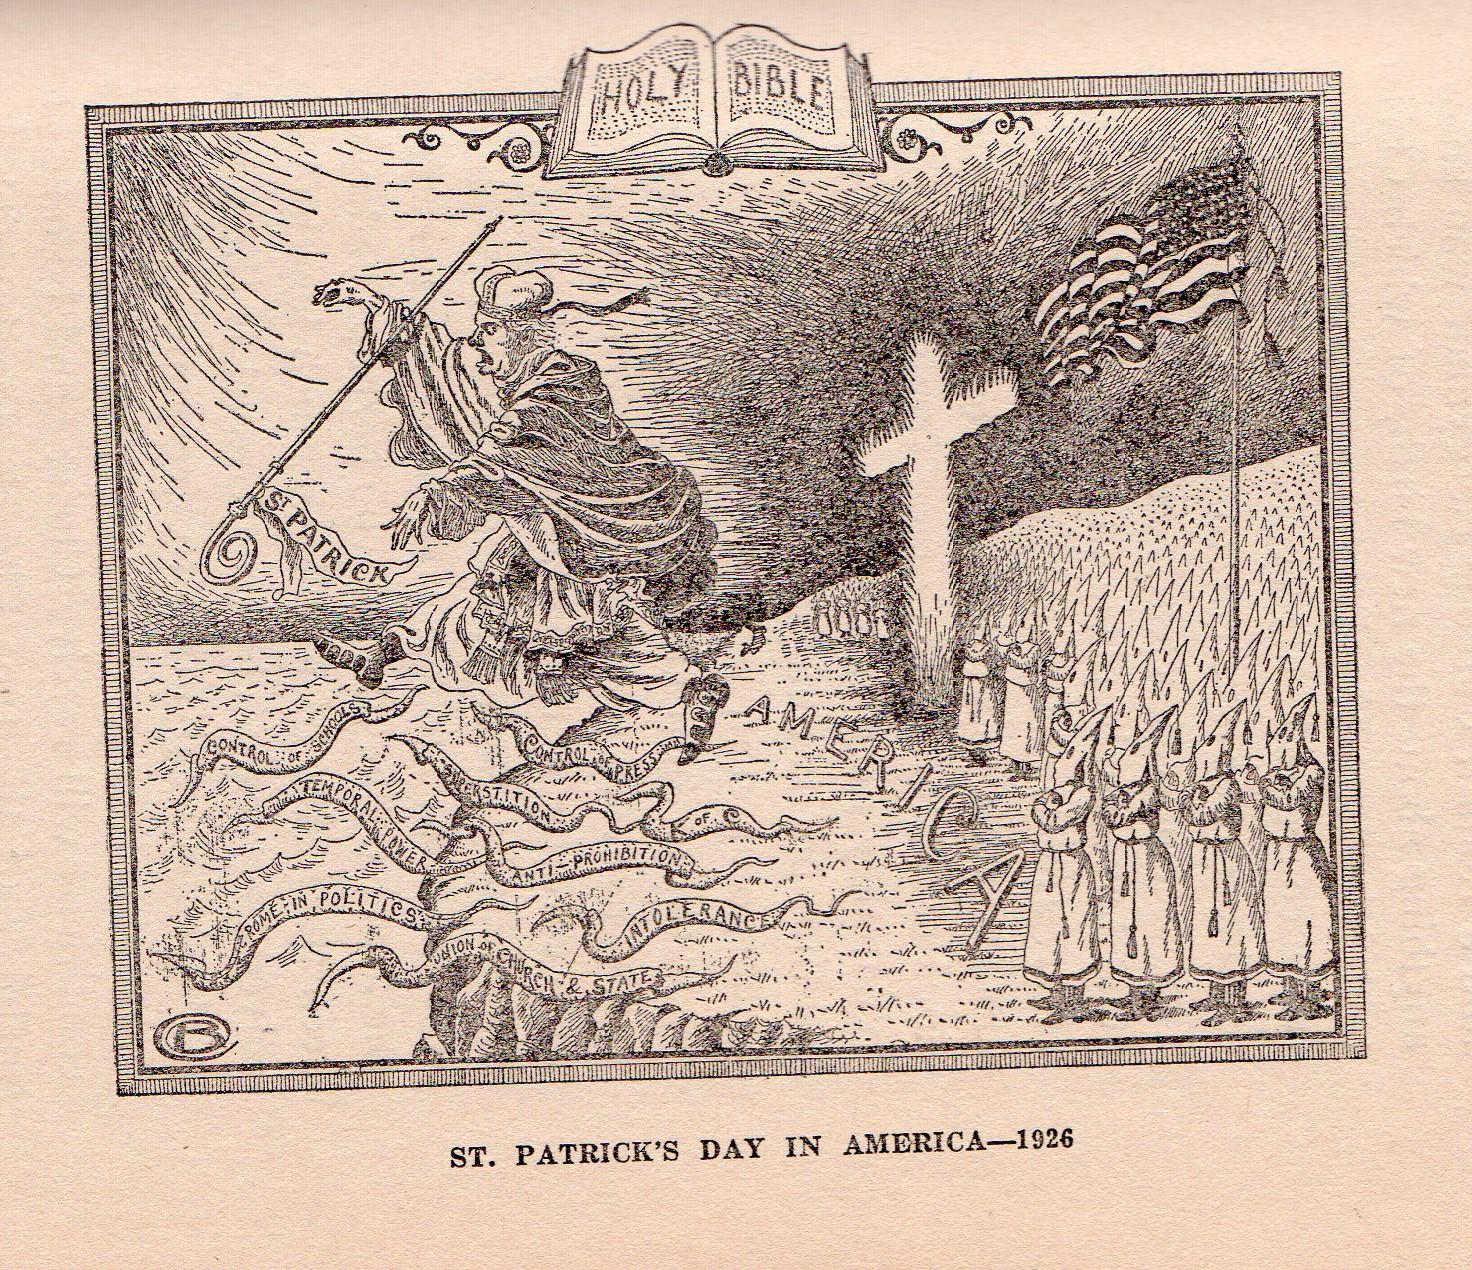 Карикатура на которой Ку-клукс-клан прогоняет Католическую Церковь в лице Святого Патрика с берегов Америки